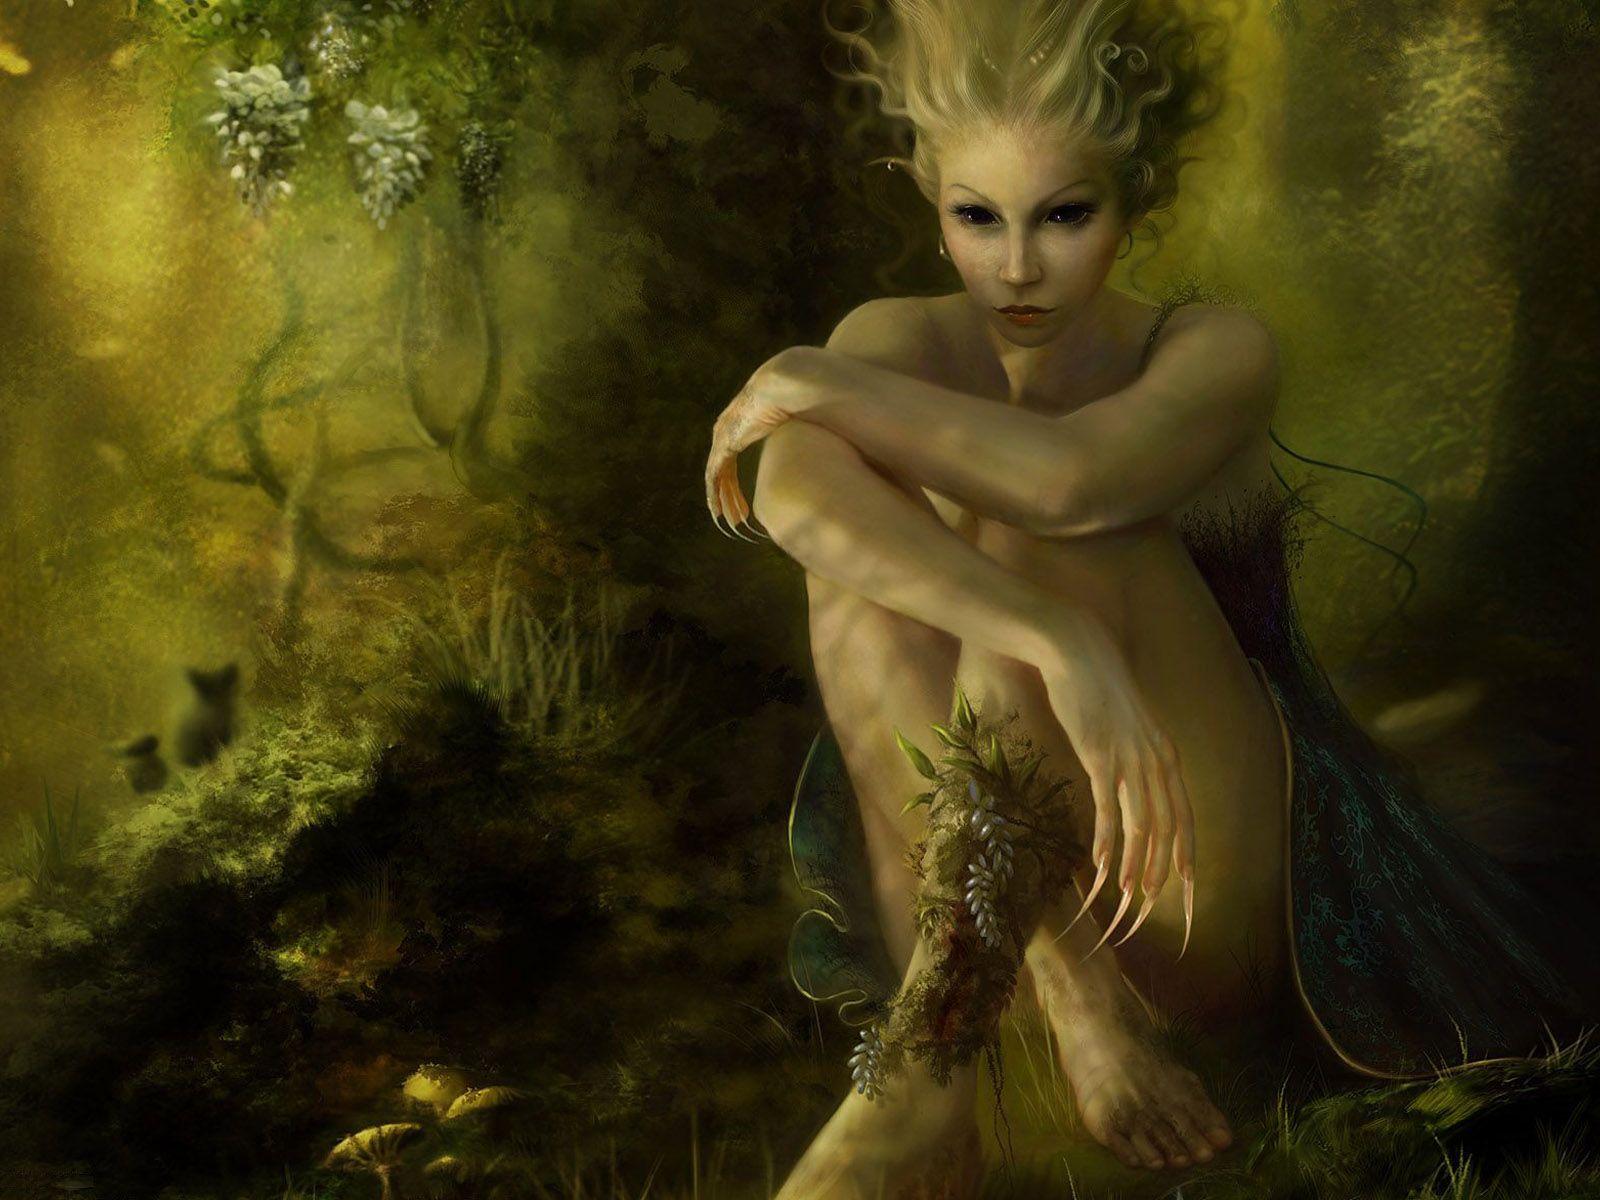 elves Wallpaper   Love You, Earth!: Elf Fantasy World (Elves)